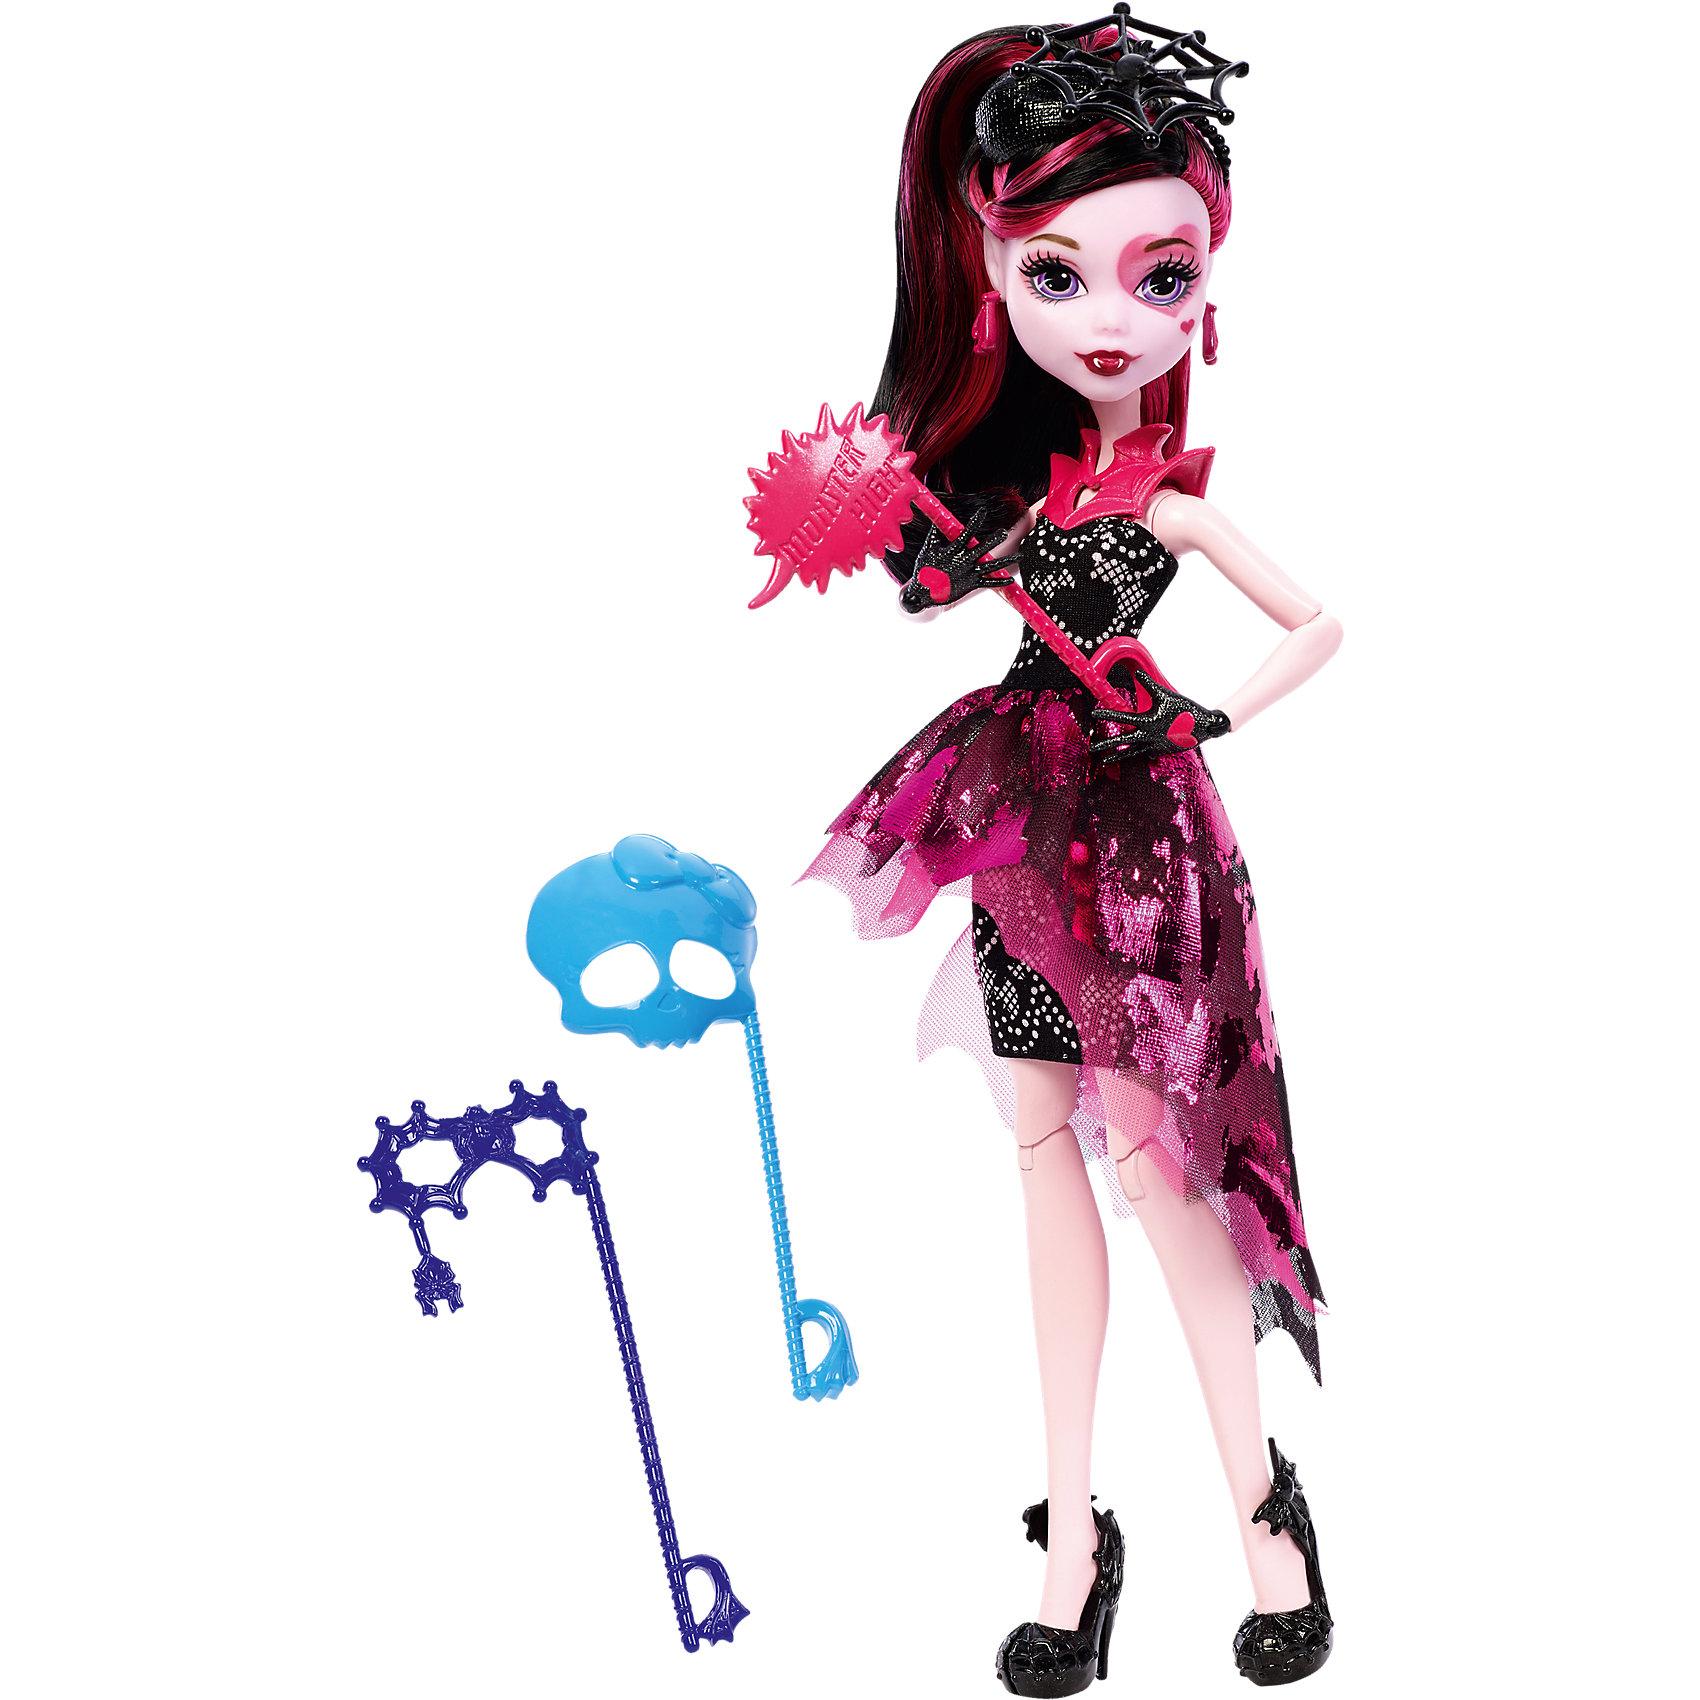 Mattel Кукла Дракулаура из серии Буникальные танцы с аксессуарами, Monster High monster high кукла дракулаура цвет платья розовый черный